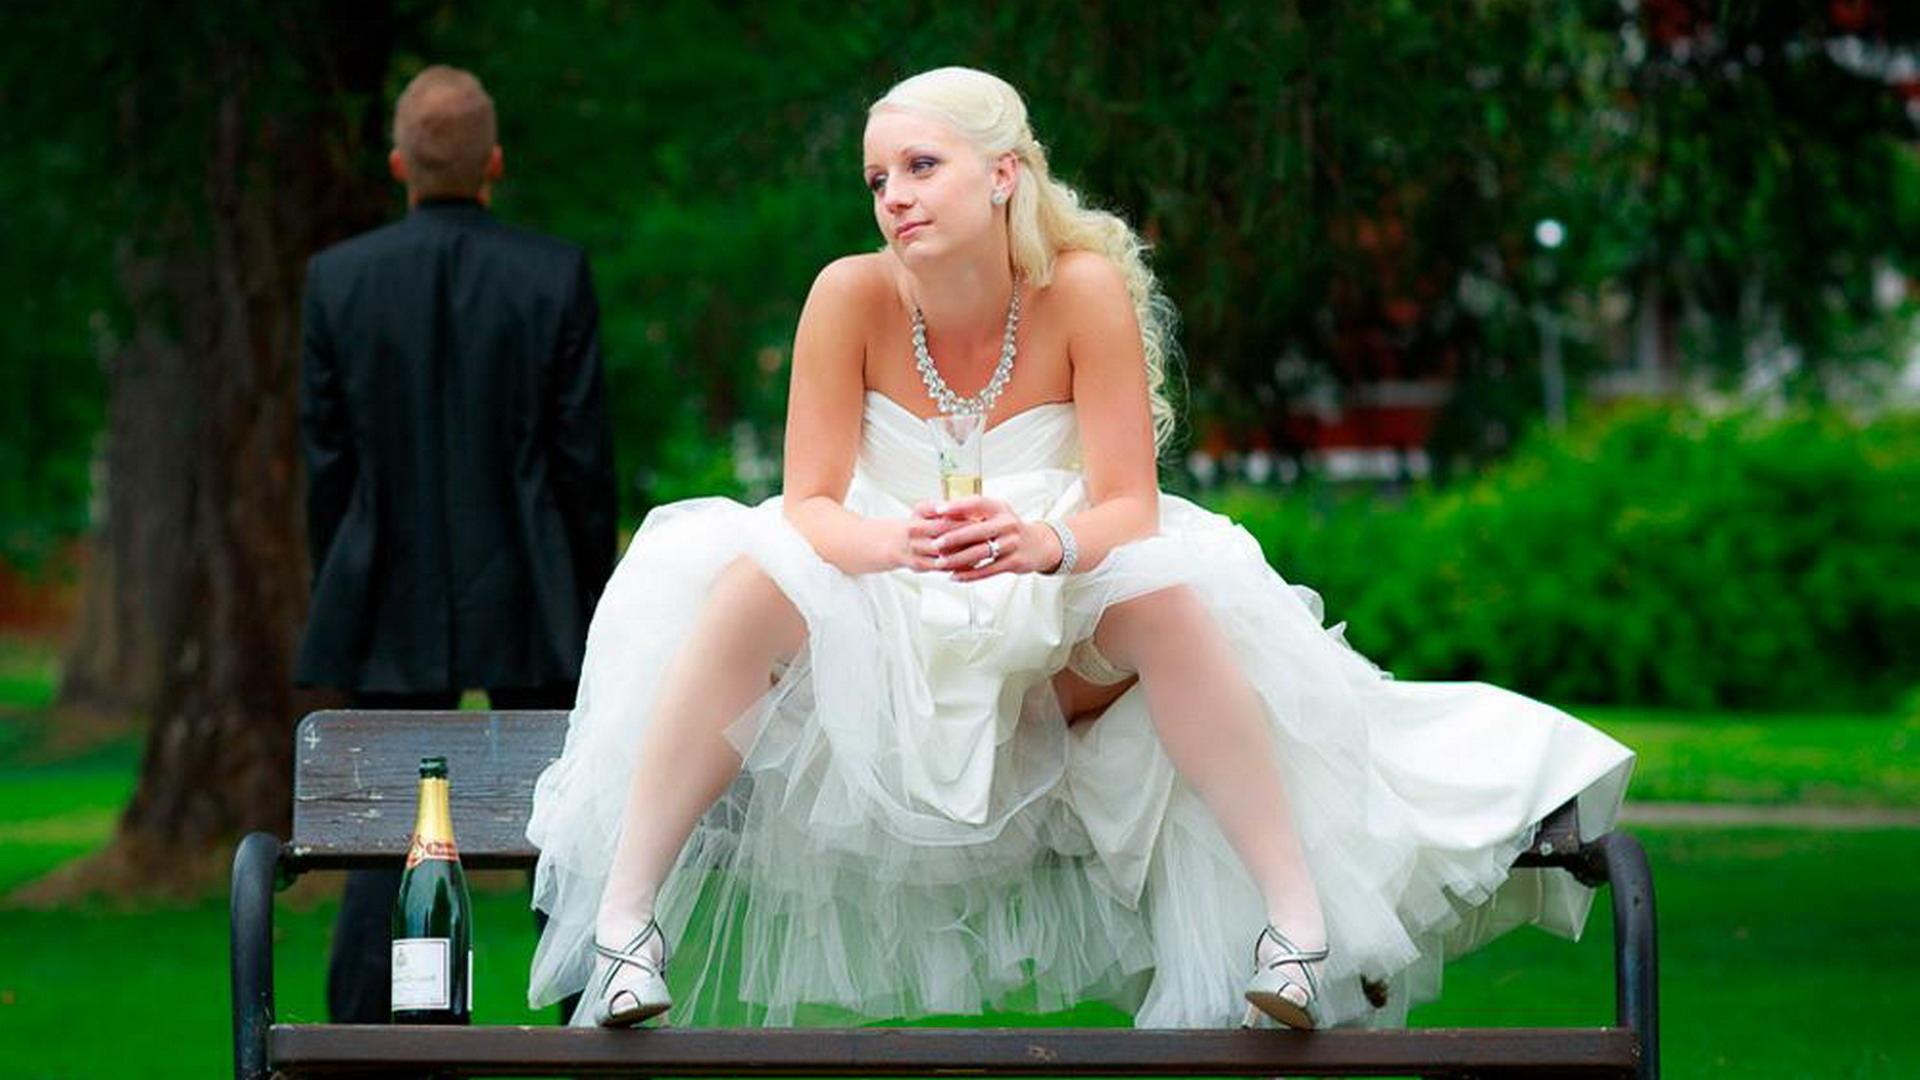 Телки на свадьбе фото, Свадебные засветы (44 фото) 25 фотография